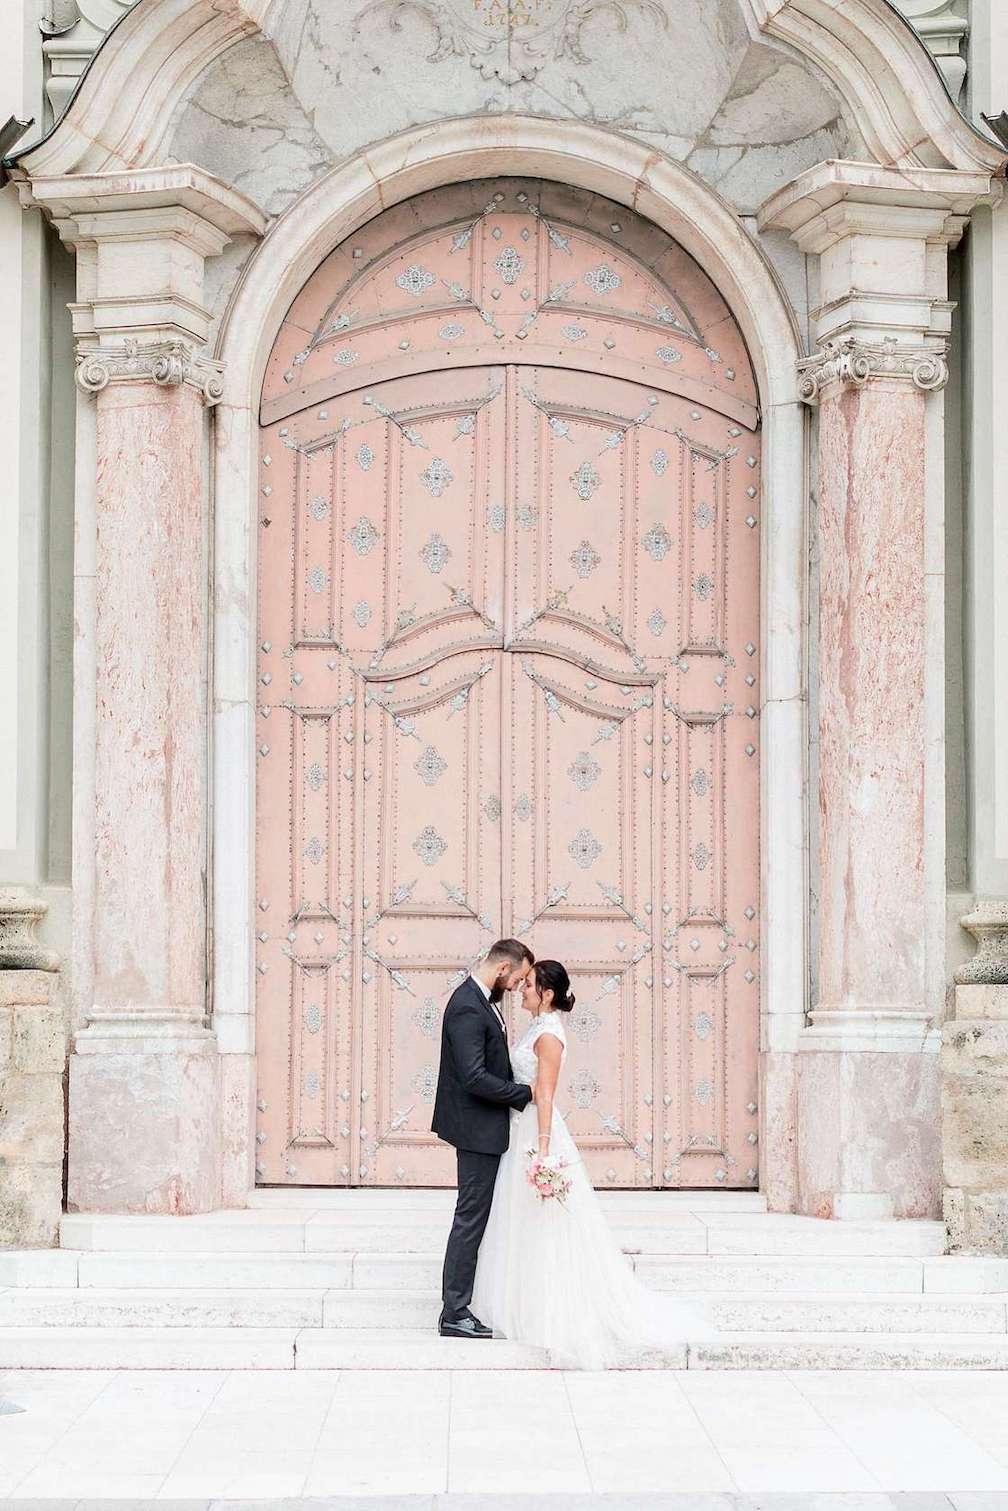 Glückliches Hochzeitspaar vor den romantischen Pforten einer schlossähnlichen Kirche am Hochzeitstag in Ingolstadt.